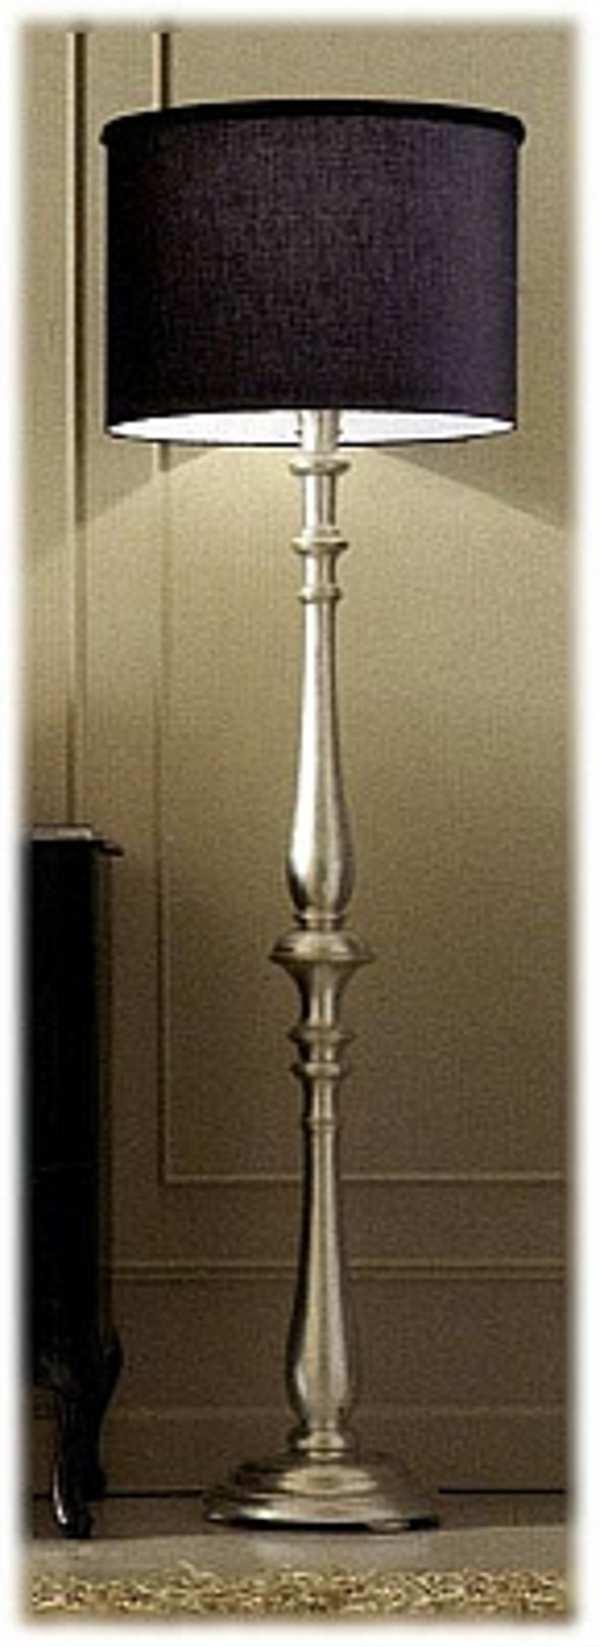 Lampada da terra CORTE ZARI Art. 1436-R CORTEZARI MILLENOTTI